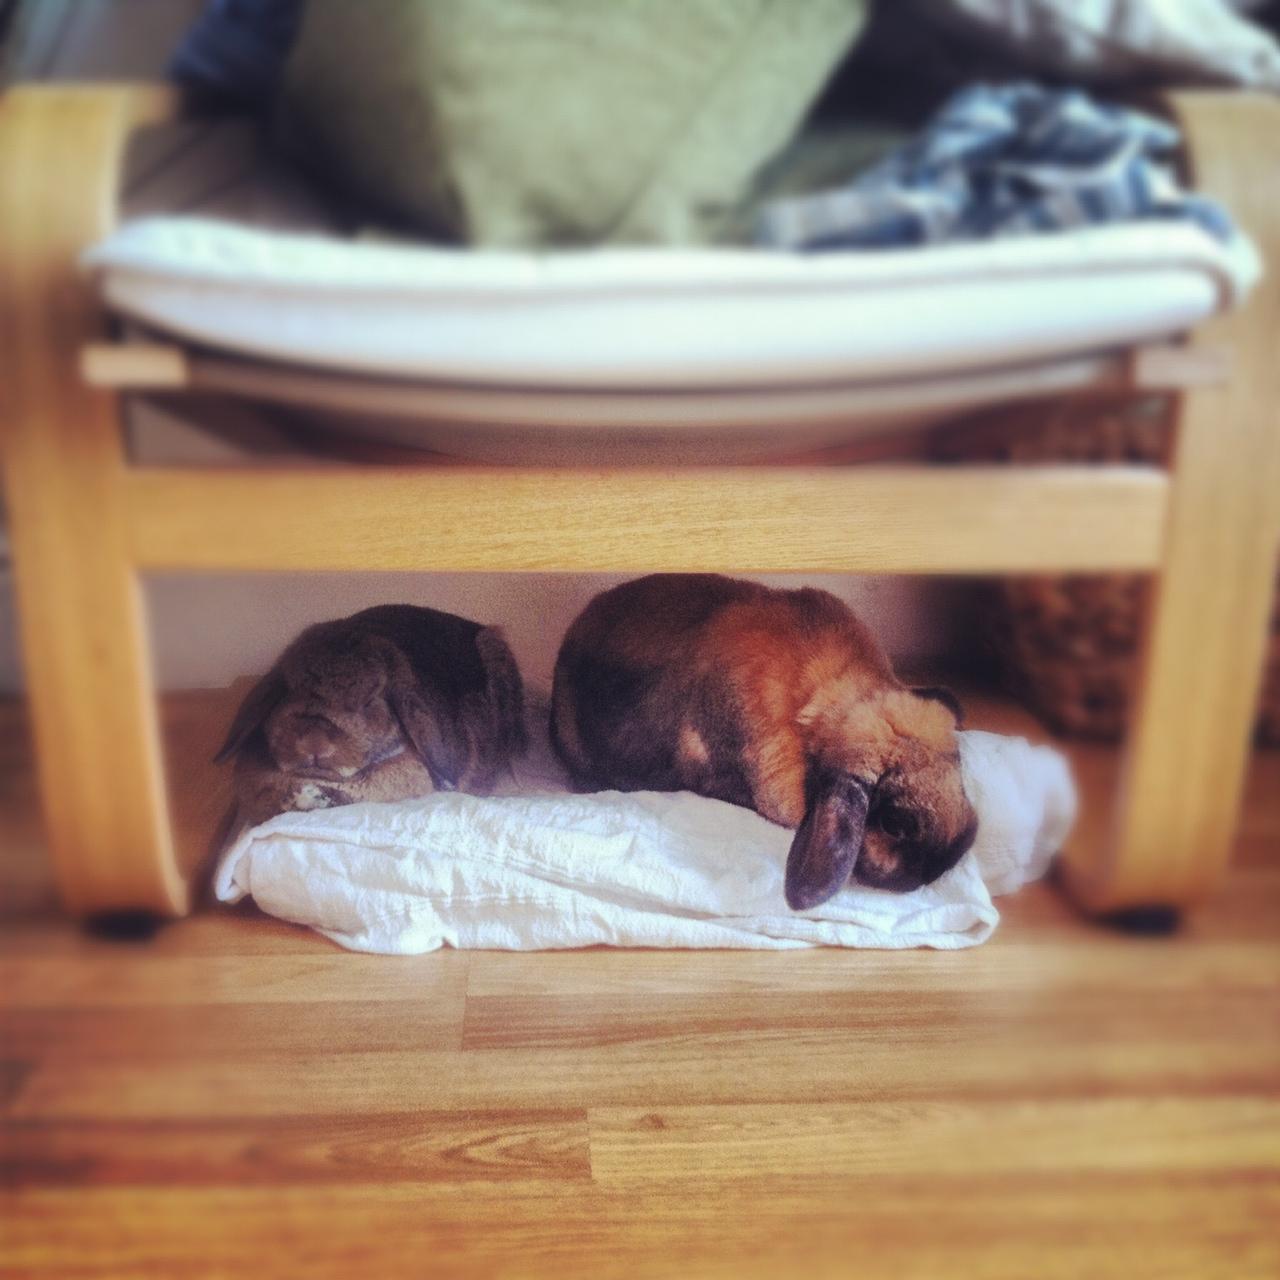 Hoomins Sit Up Top, Bunnies Below